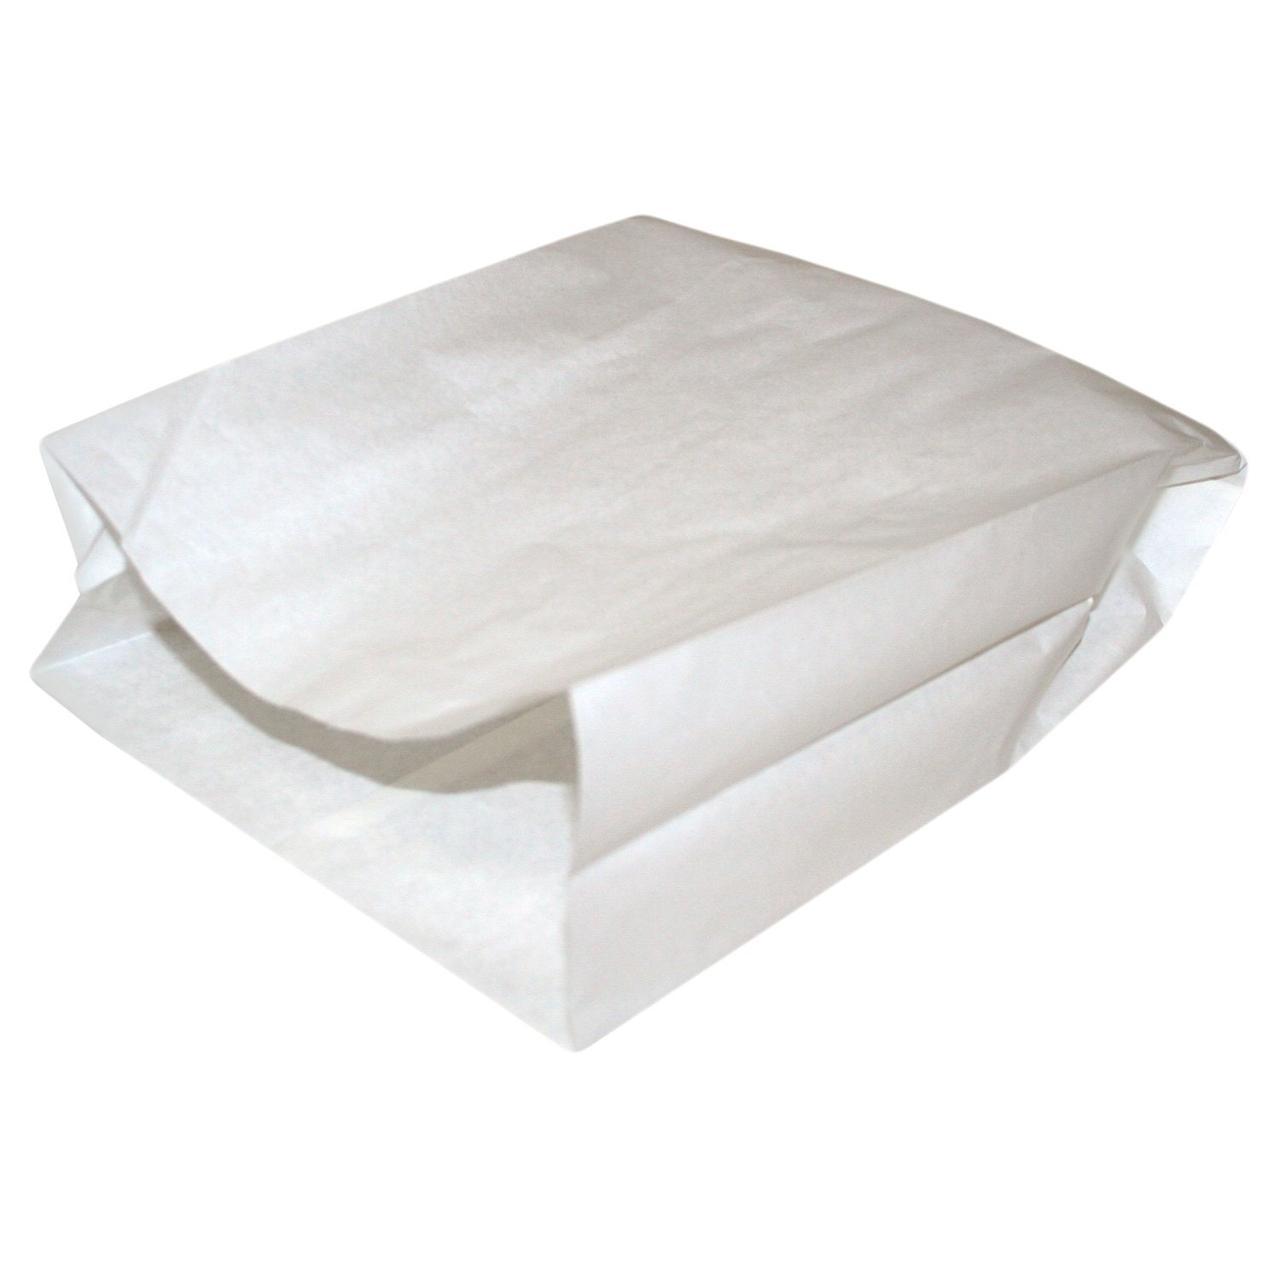 Пакеты на (200+85)*285 мм на 2 кг лам. бум., без рис., 1000 шт